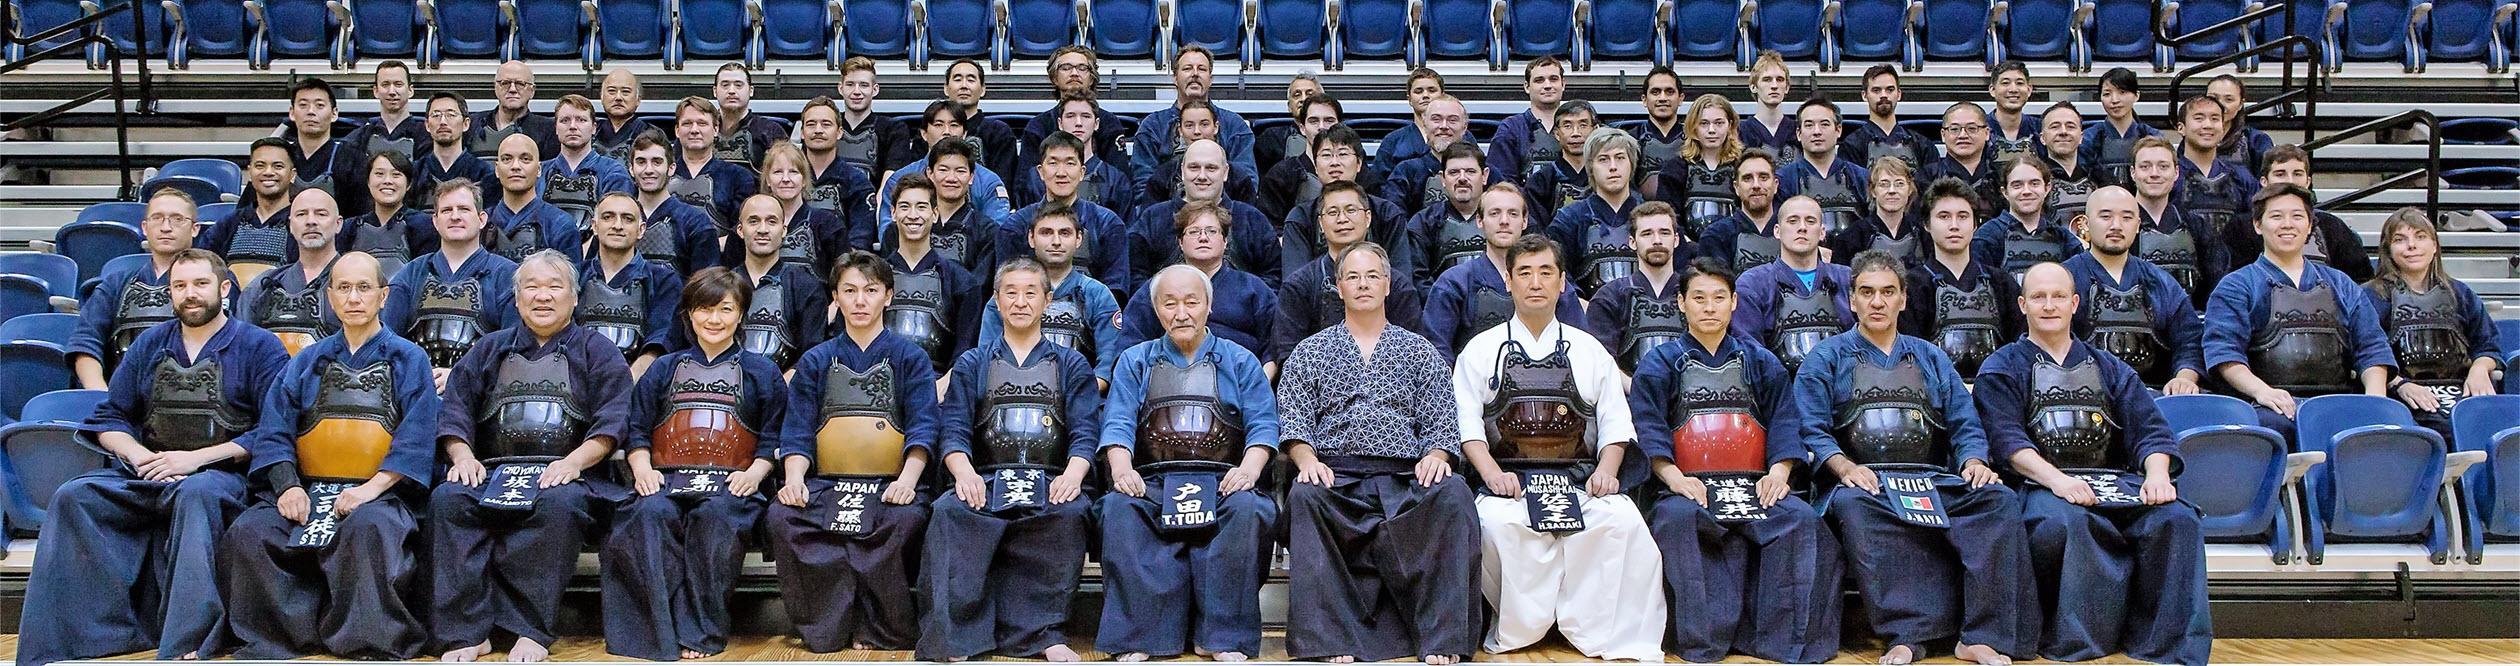 Nito Seminar 2015 Groups Shot